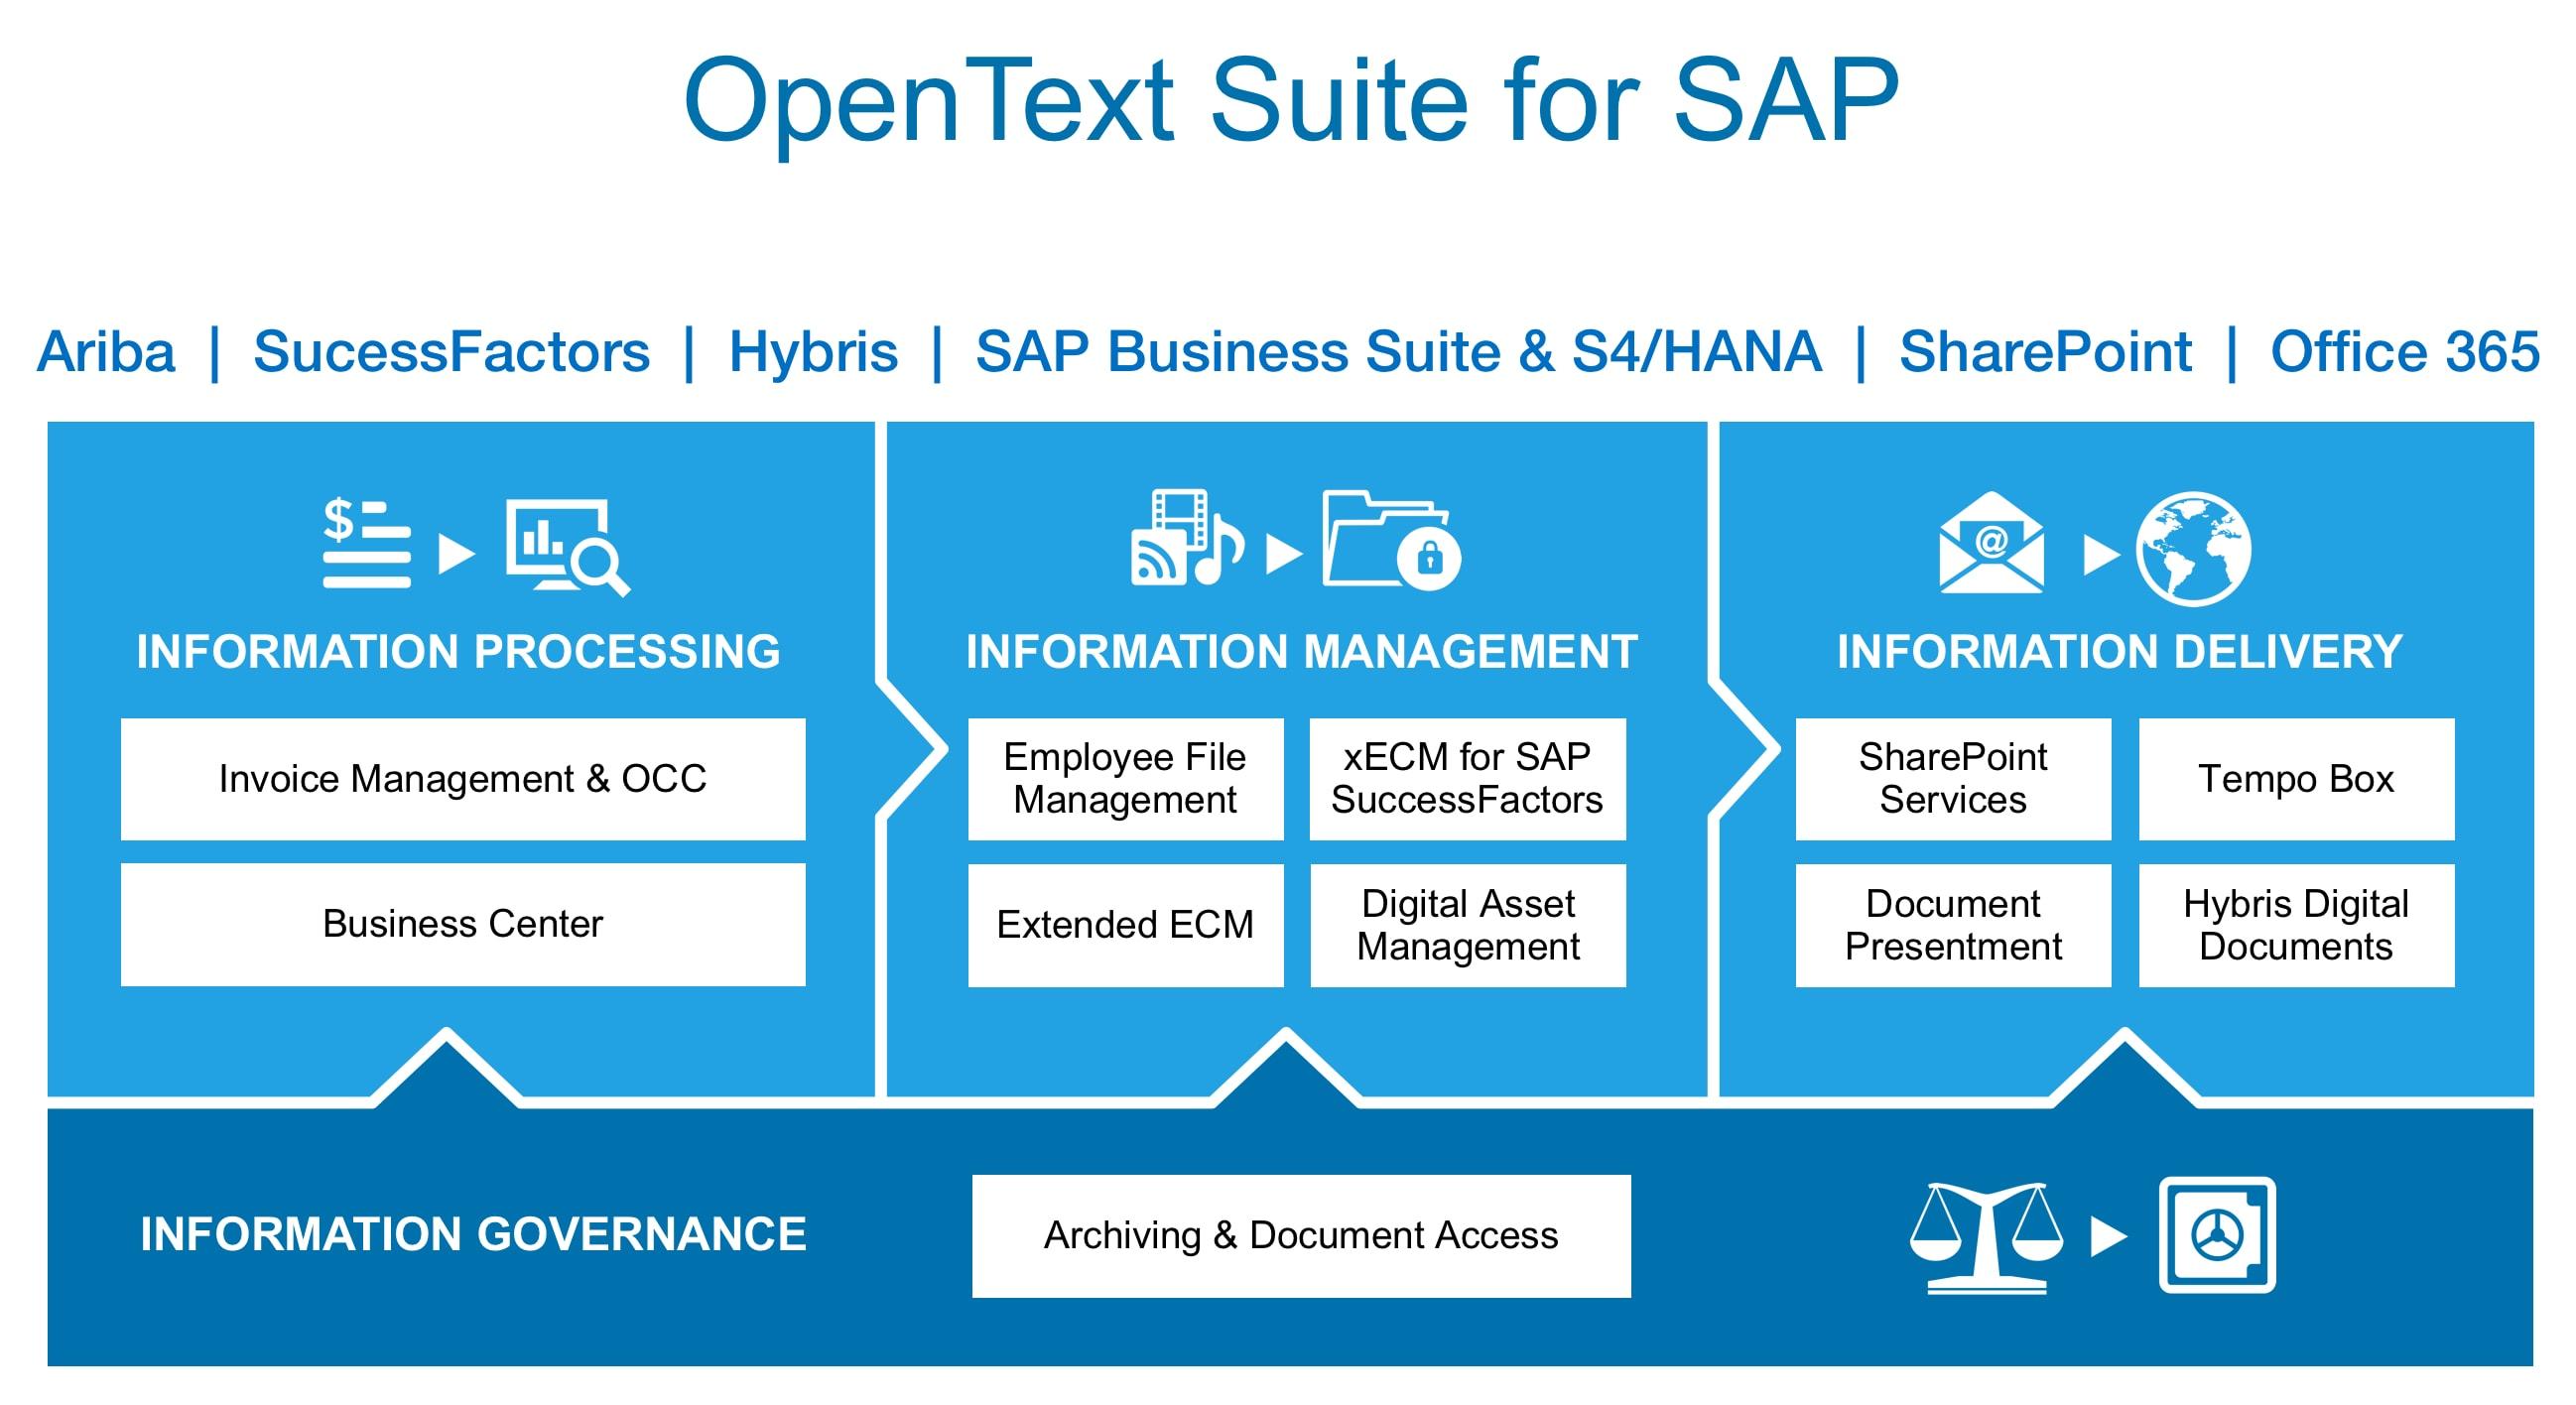 SAP and OpenText Partnership